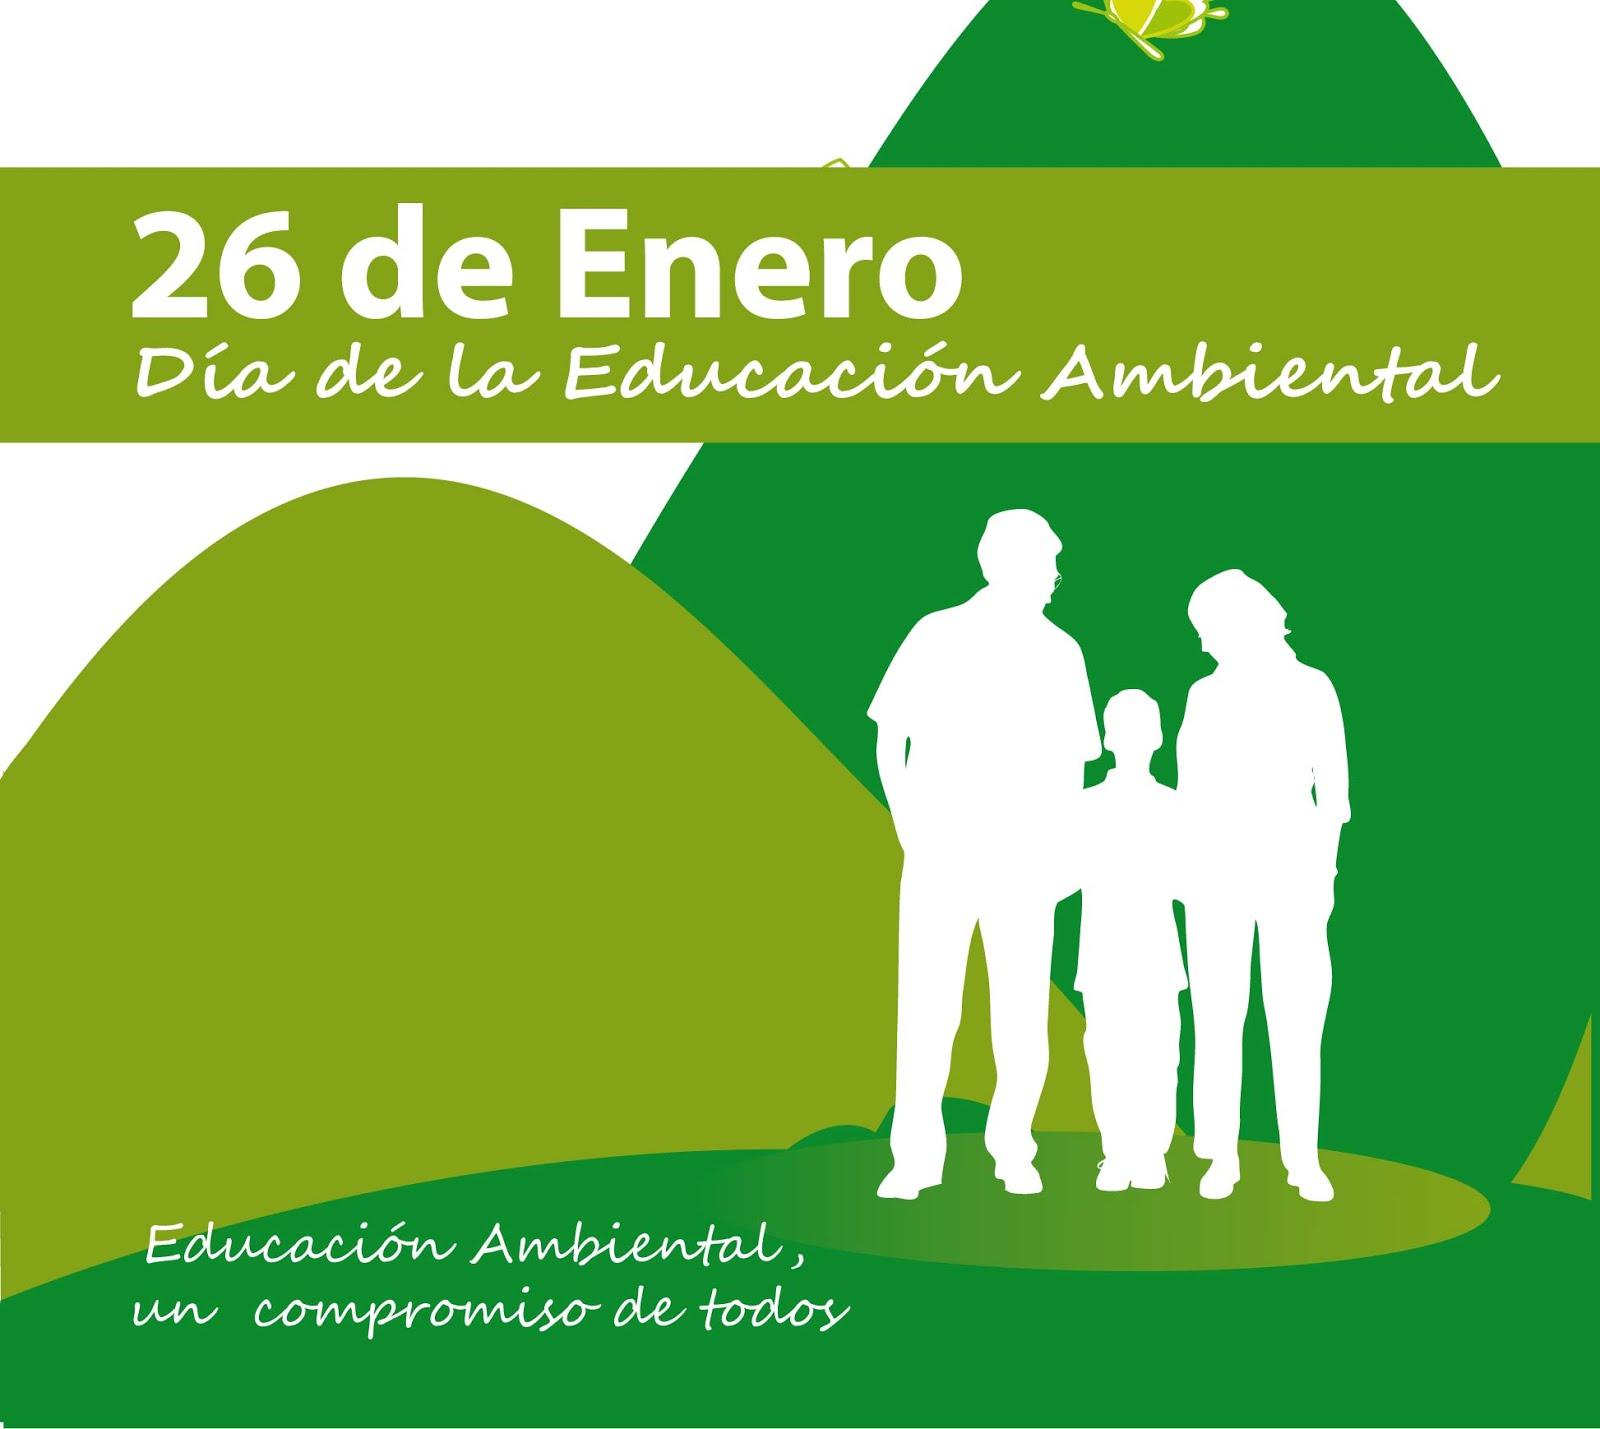 26 de enero Dia de La educación ambiental